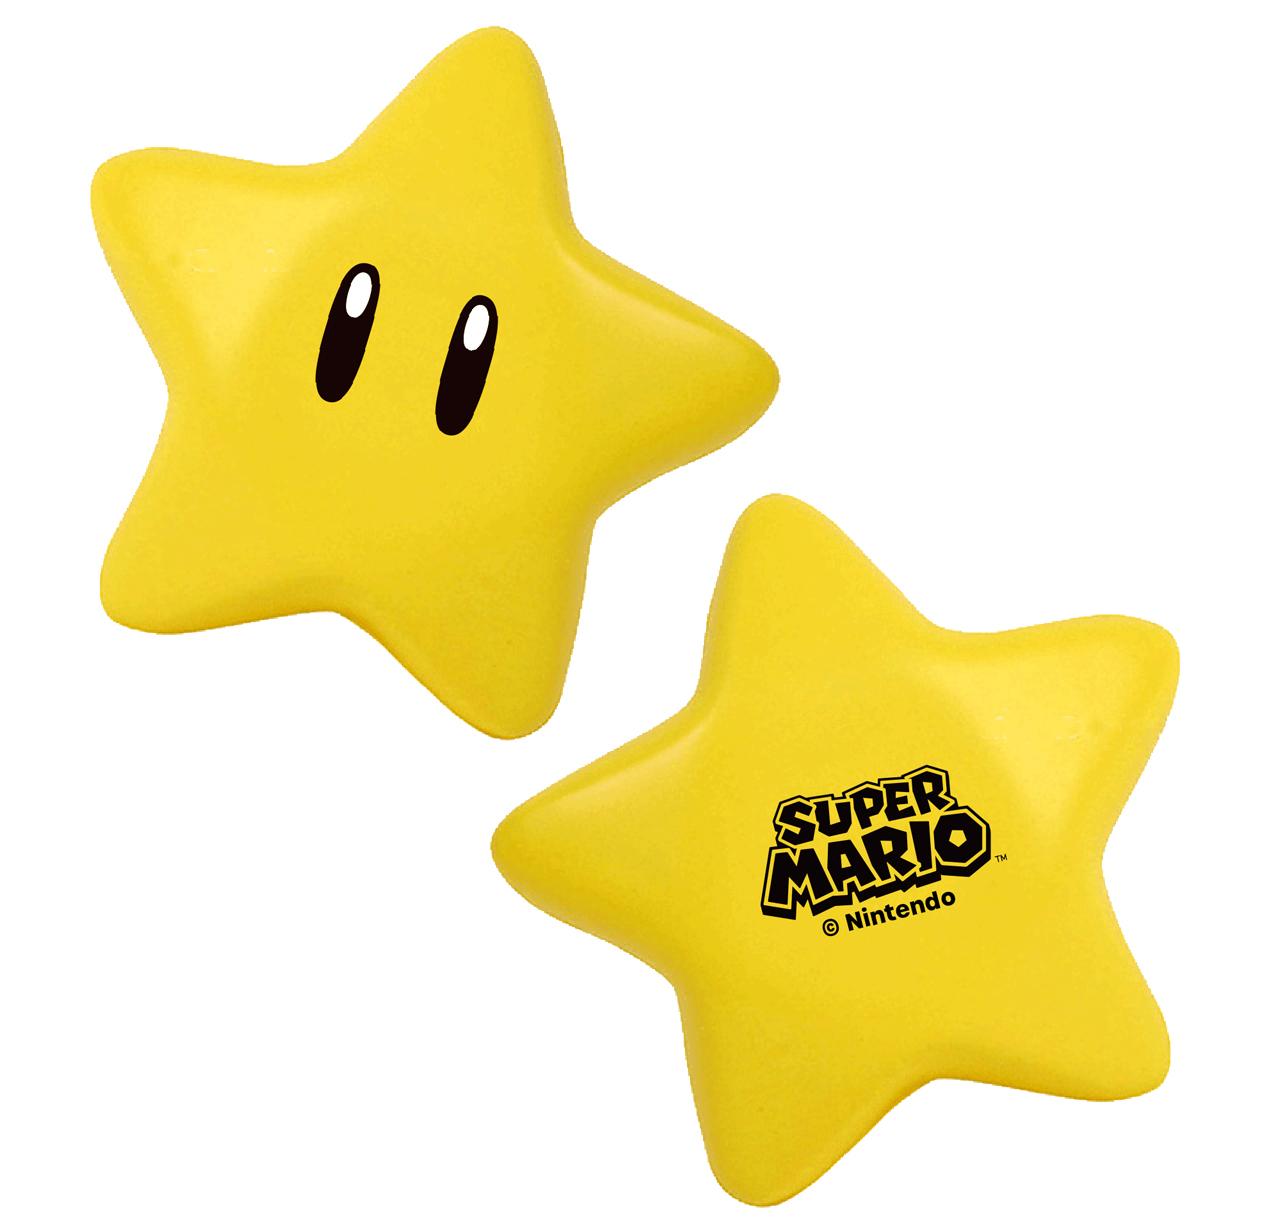 コレクション 3d スーパー マリオ